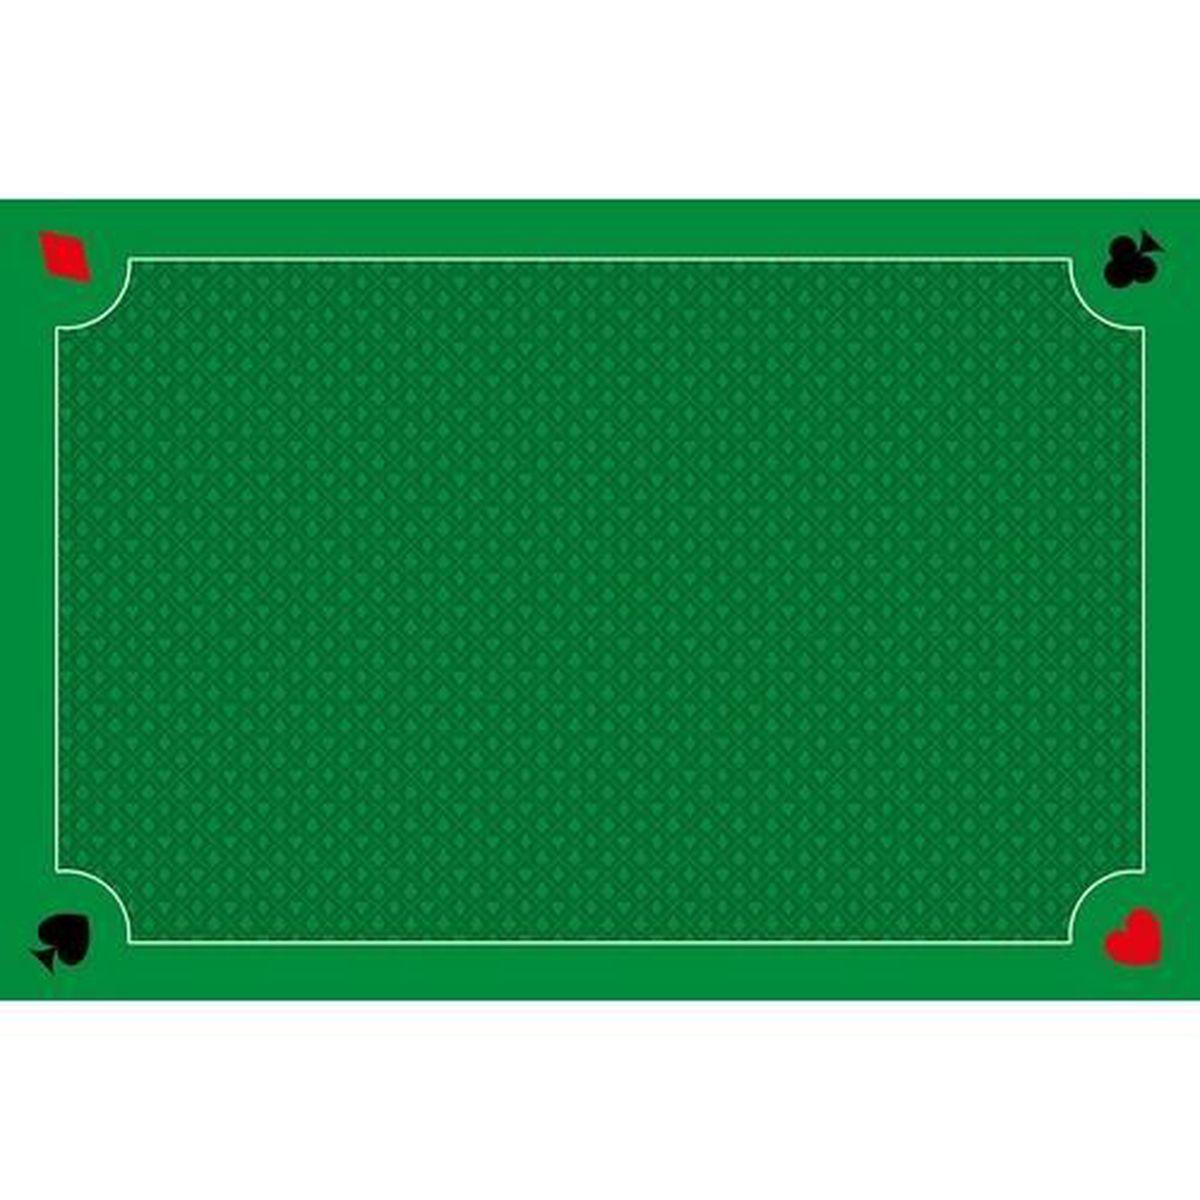 tapis de carte belote Tapis de belote vert classique   Fabrication Française   Achat